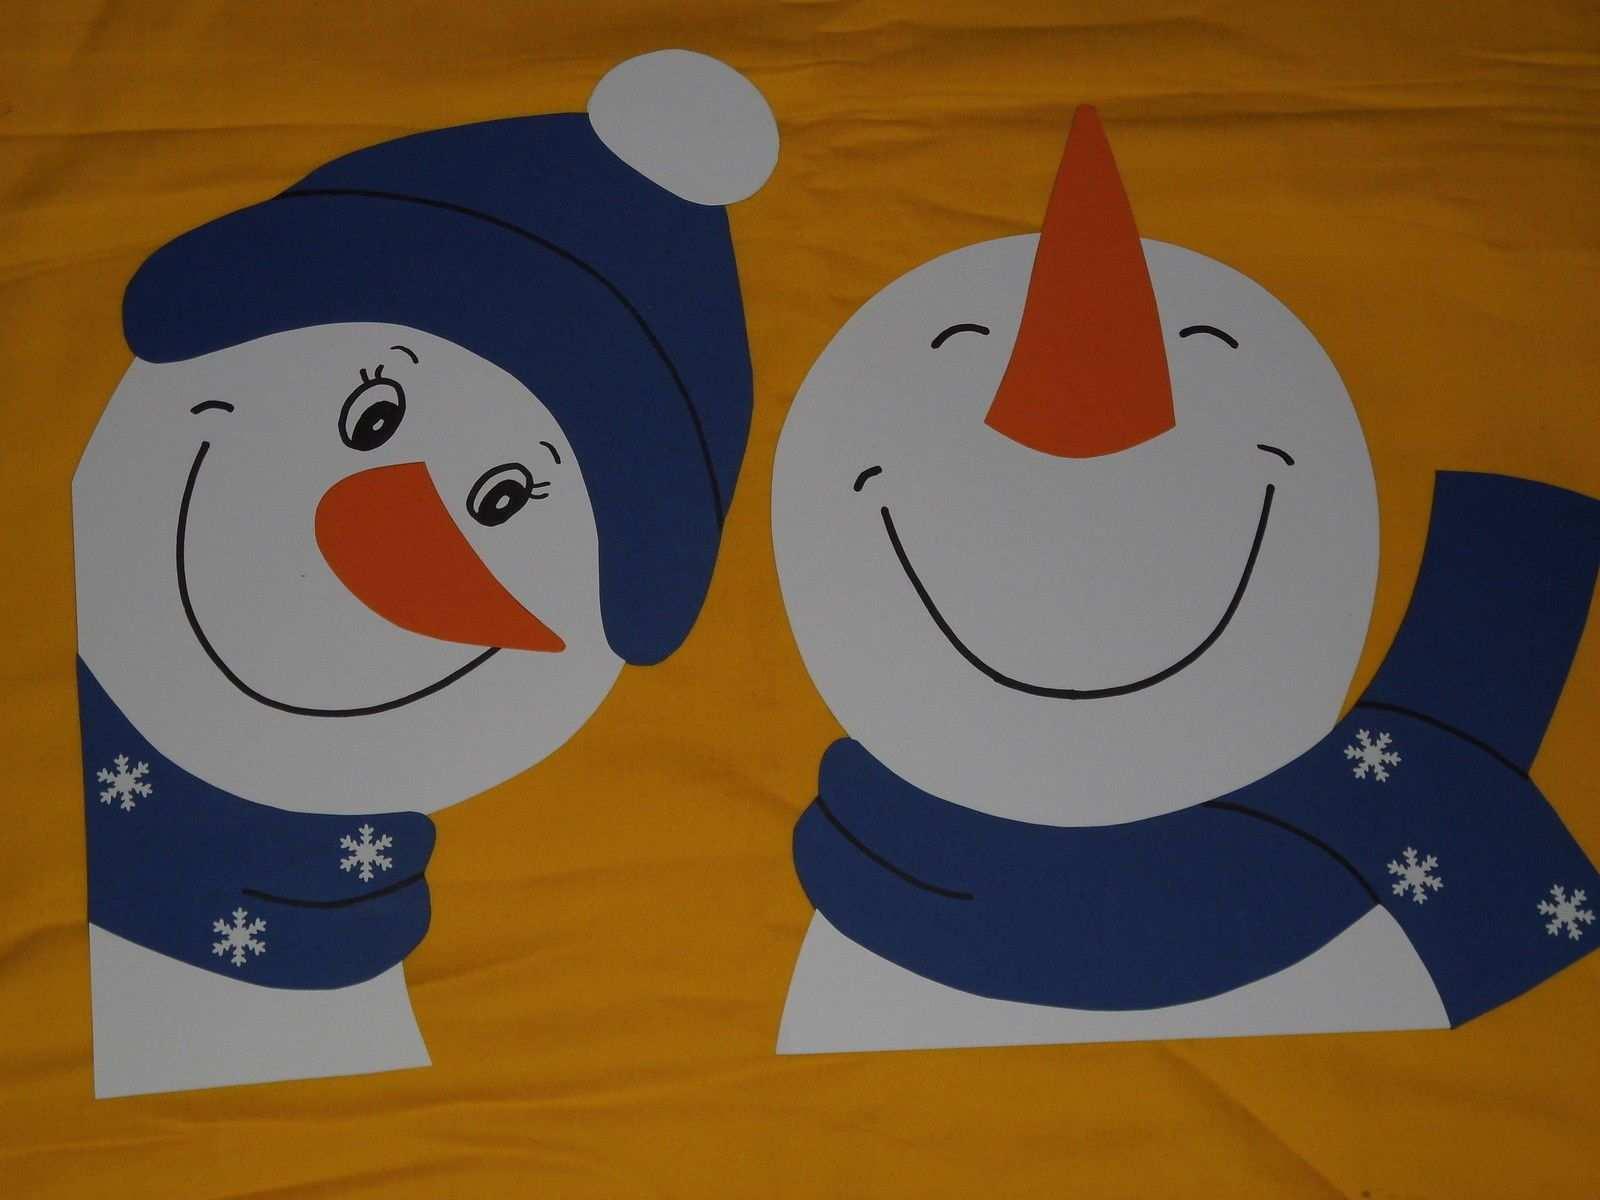 Fensterbild Tonkarton Winter Fenstergucker Schneemann Flocke Set Blau Deko Neu Basteln Winter Grundschule Schneemann Basteln Fensterbild Fenstergucker